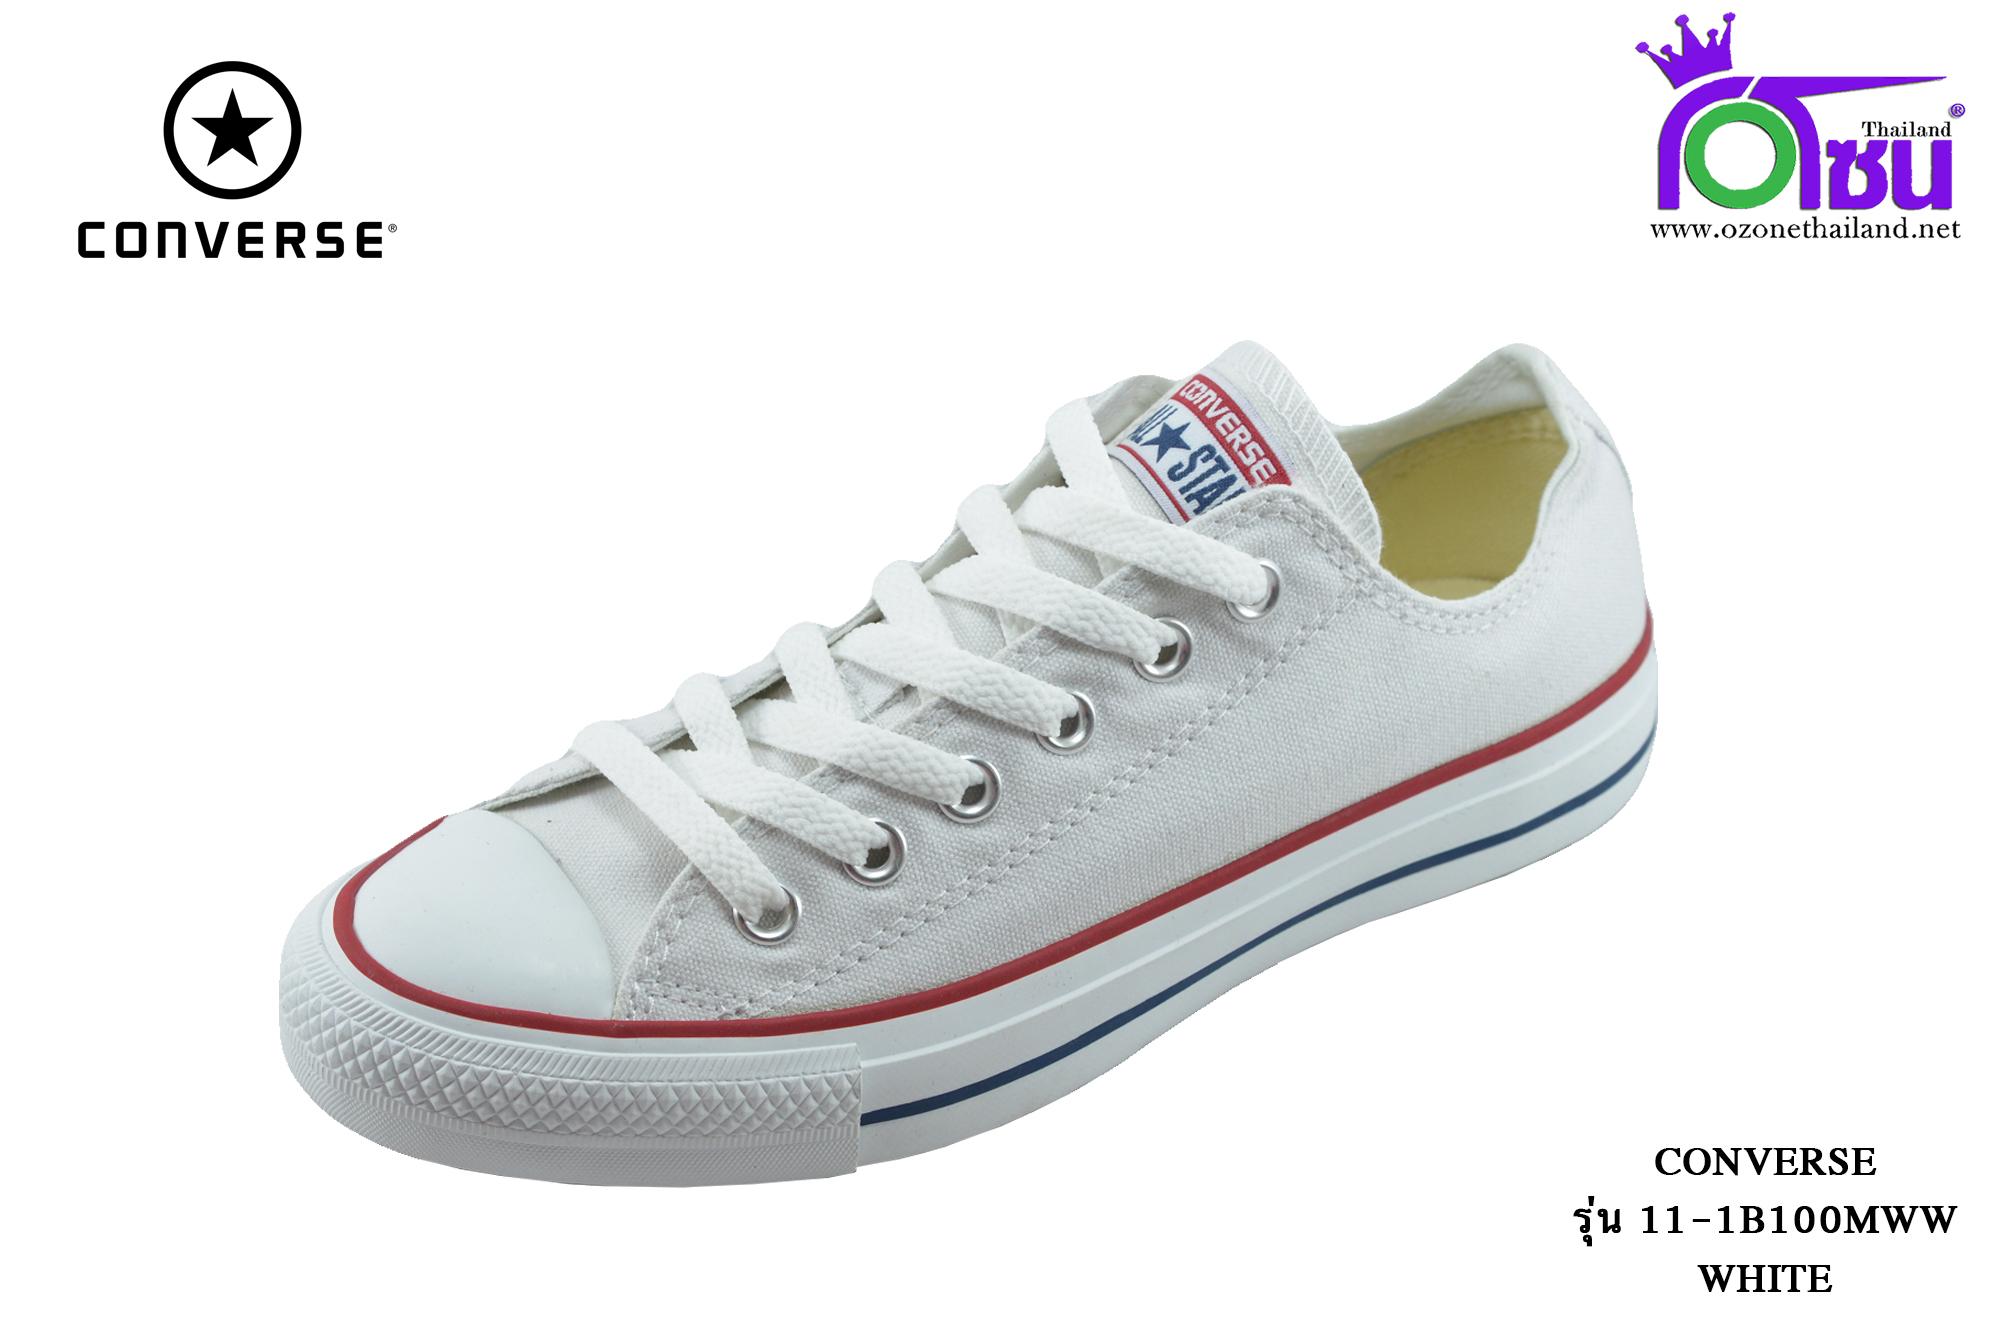 ผ้าใบ Converse All Star Dainty OX Sneakers (รุ่นคลาสสิค) สีขาวขลิบแดง